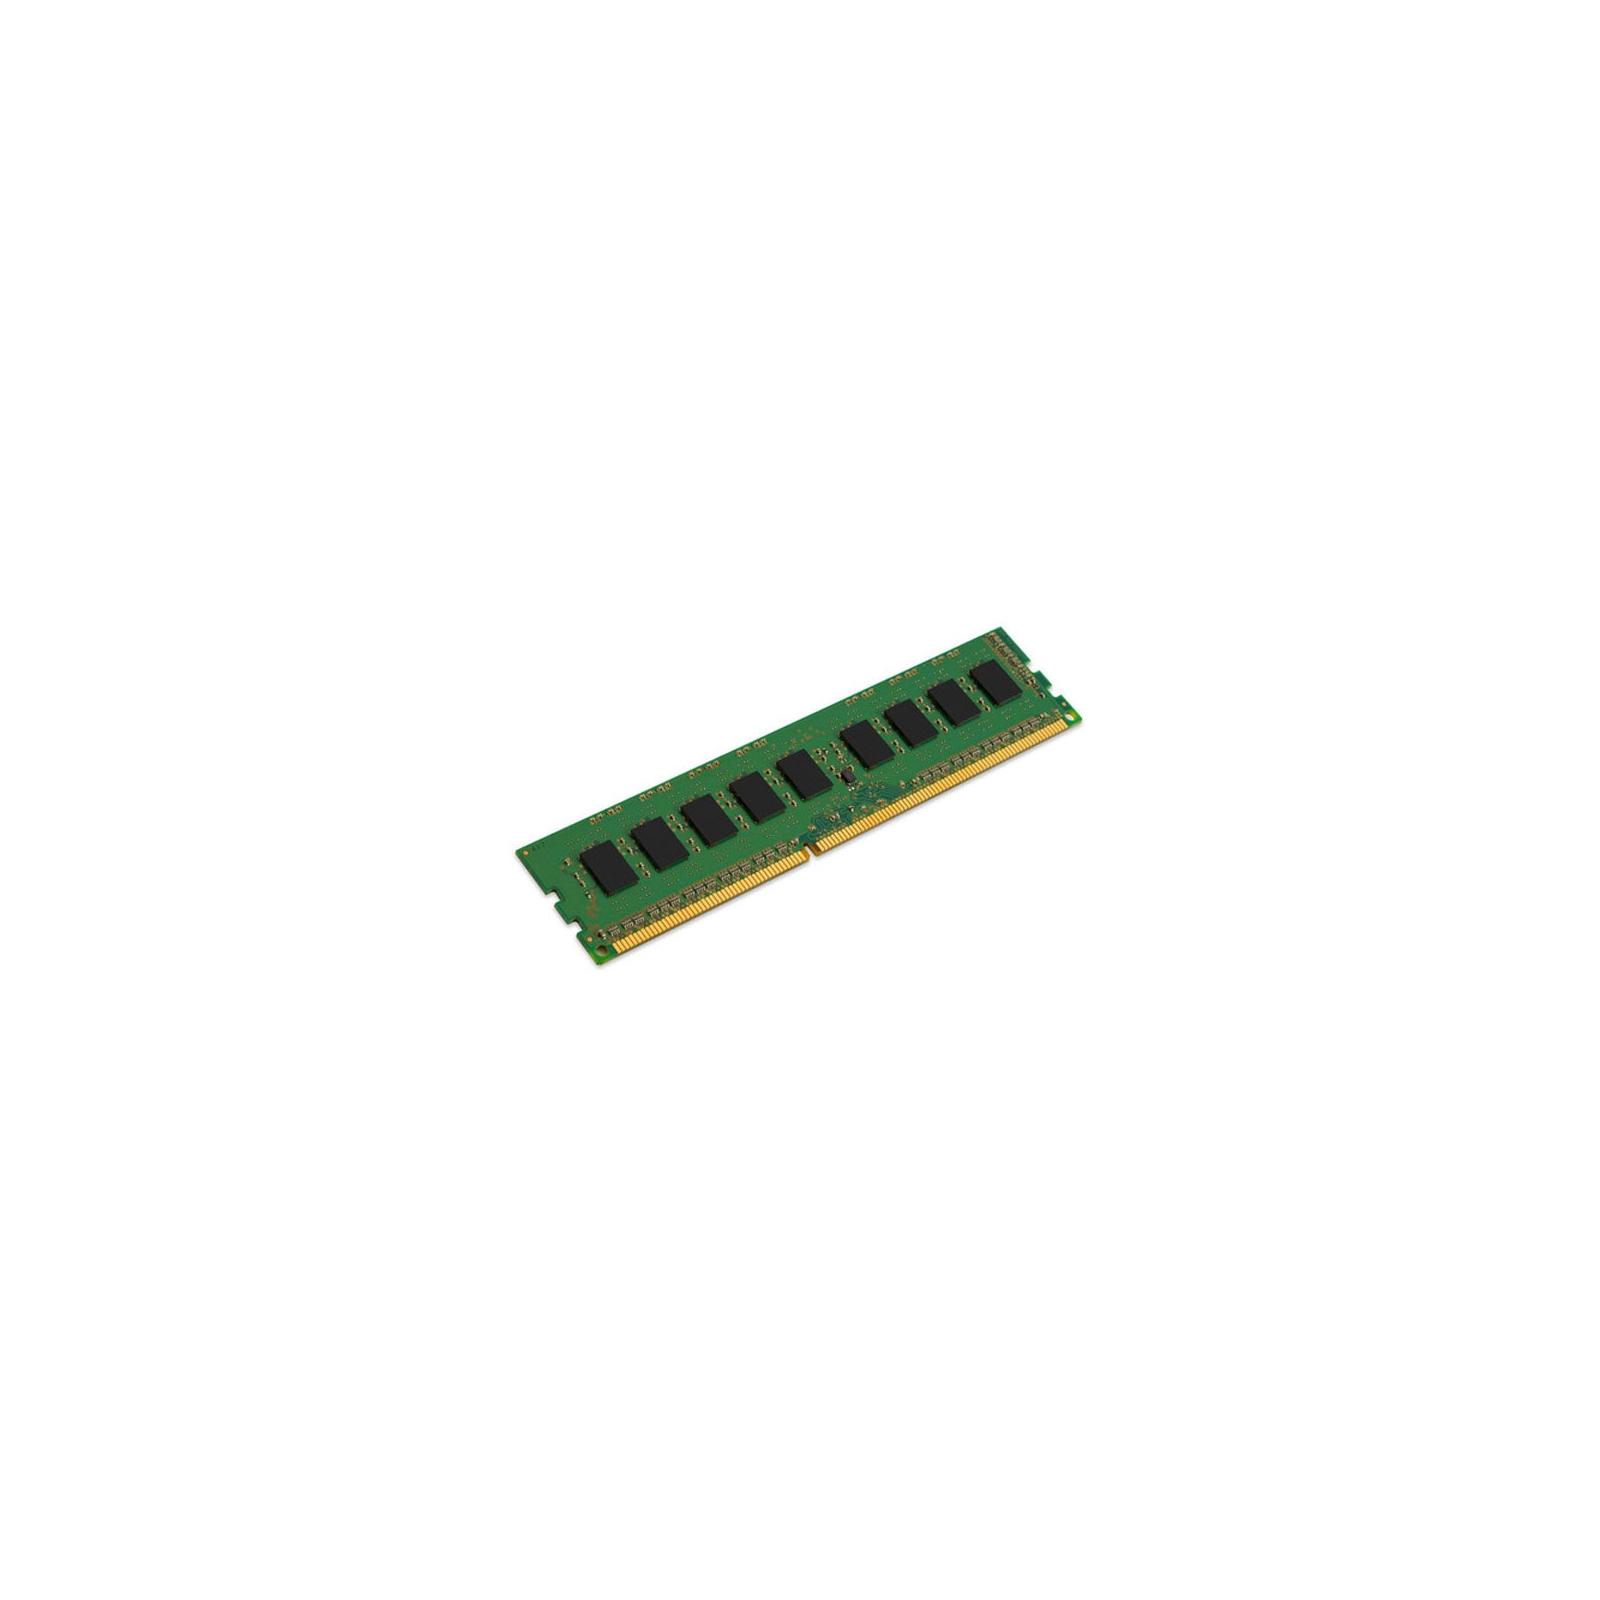 Модуль памяти для компьютера SoDIMM DDR3 8GB 1333 MHz Kingston (KTA-MP1333/8G)